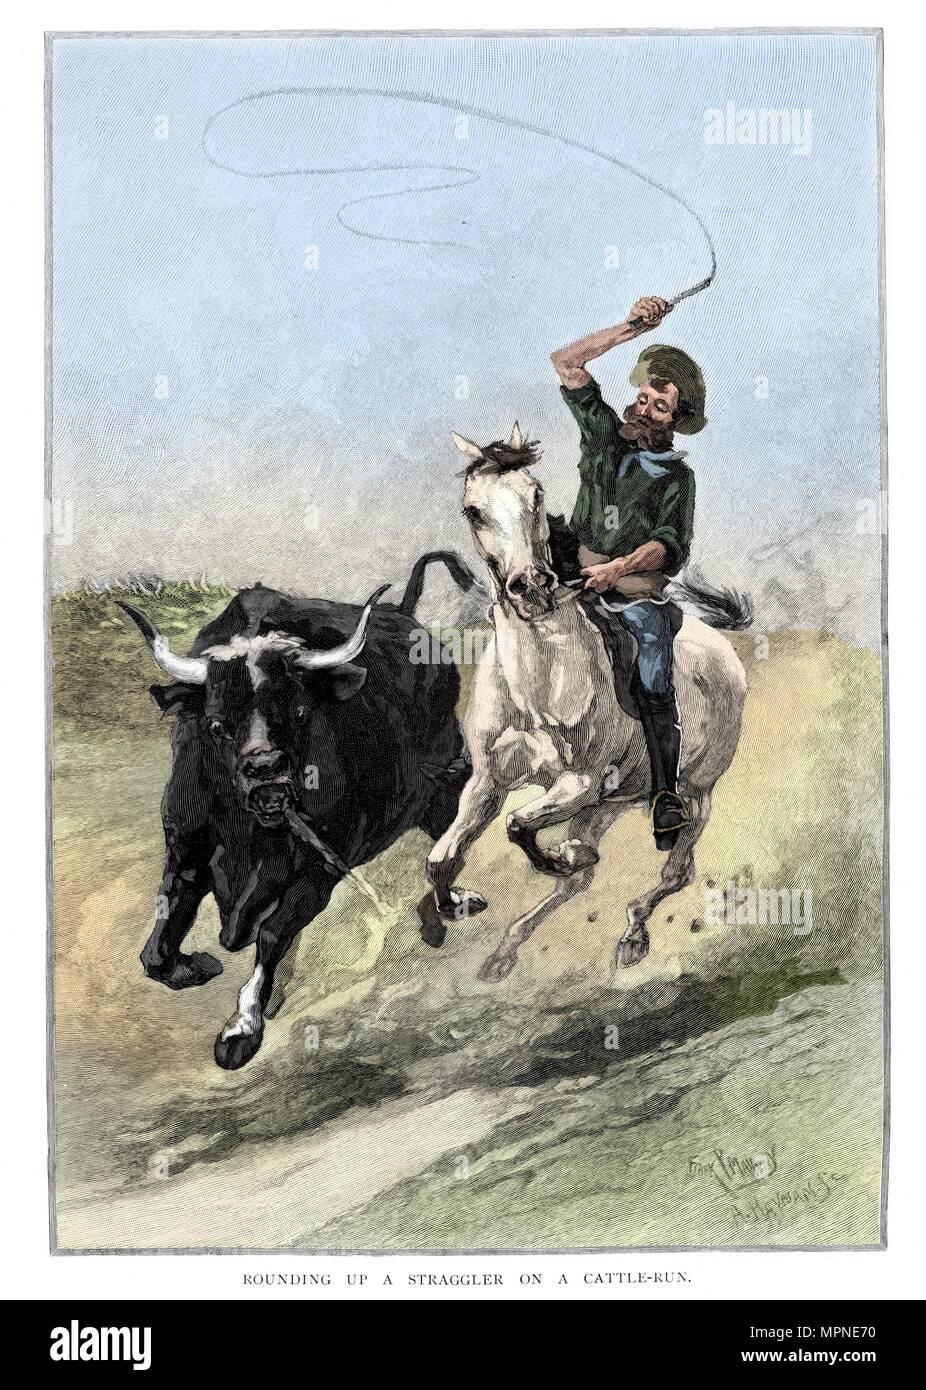 Repro Foto Cowboy bei Rodeo auf Stier